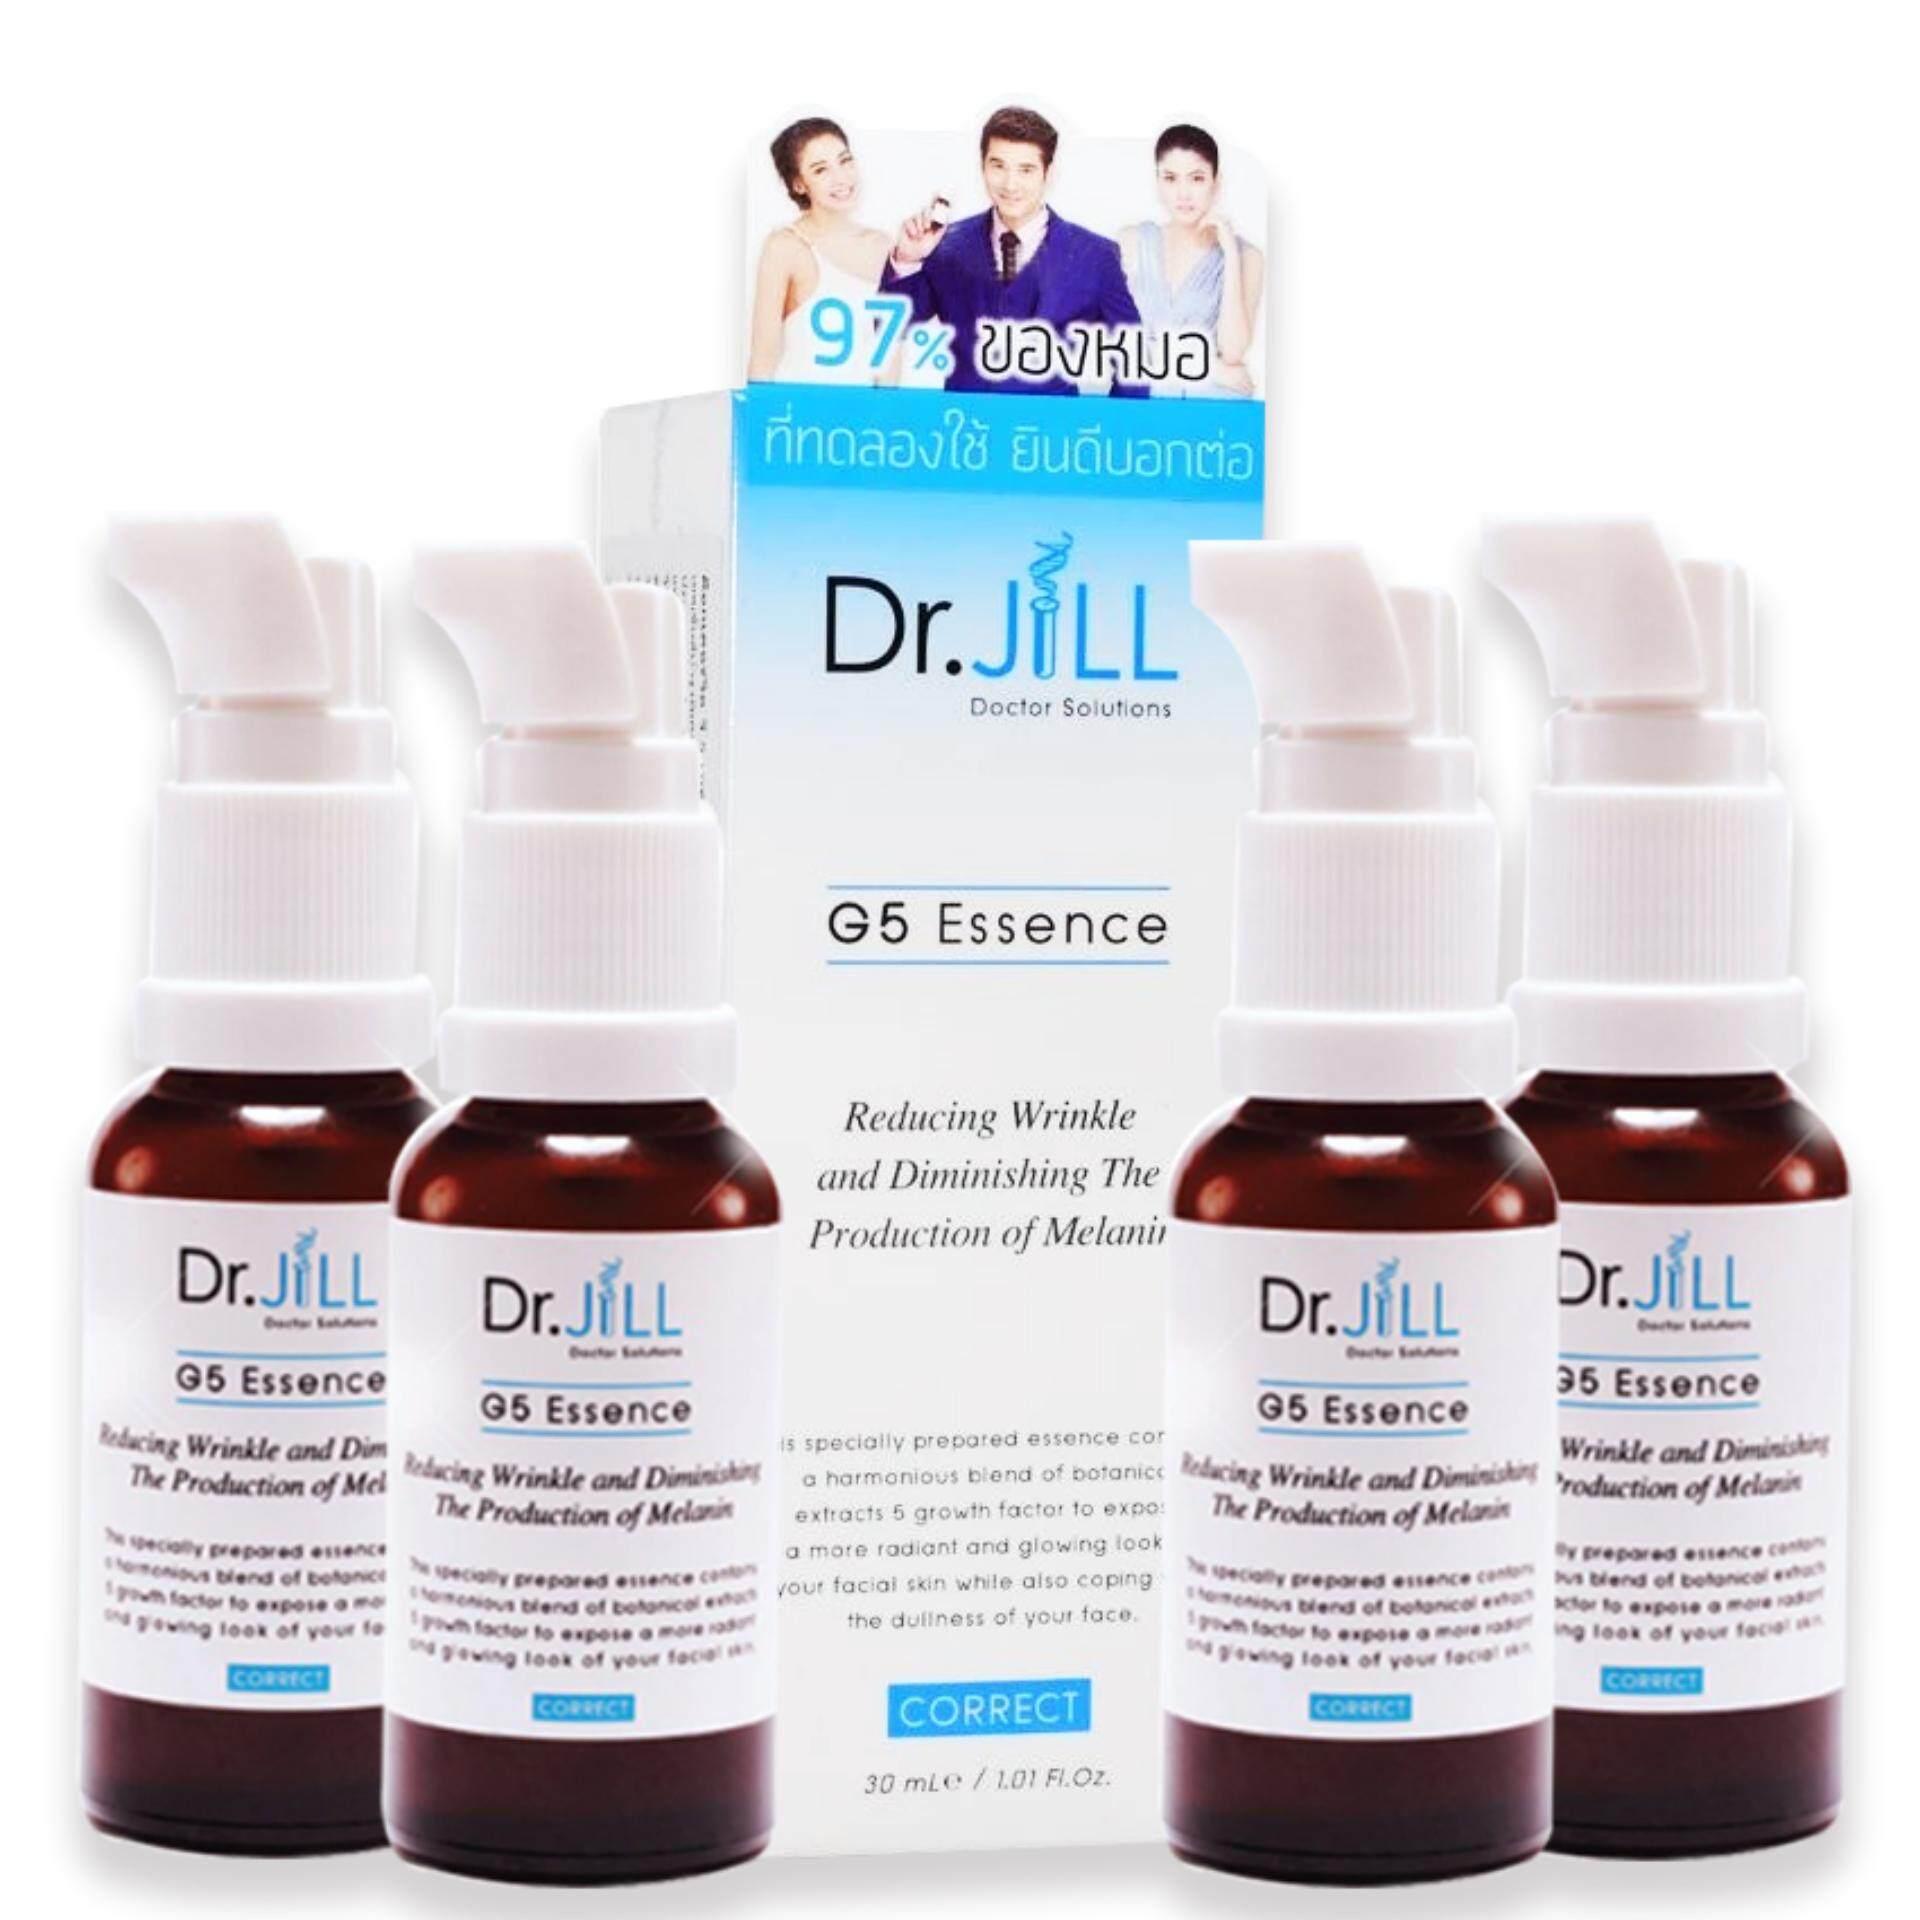 ขาย Dr Jill G5 Essence เอสเซ้นส์น้ำนมเข้มข้นด๊อกเตอร์จิล 30Ml 4 ขวด Dr Jill เป็นต้นฉบับ